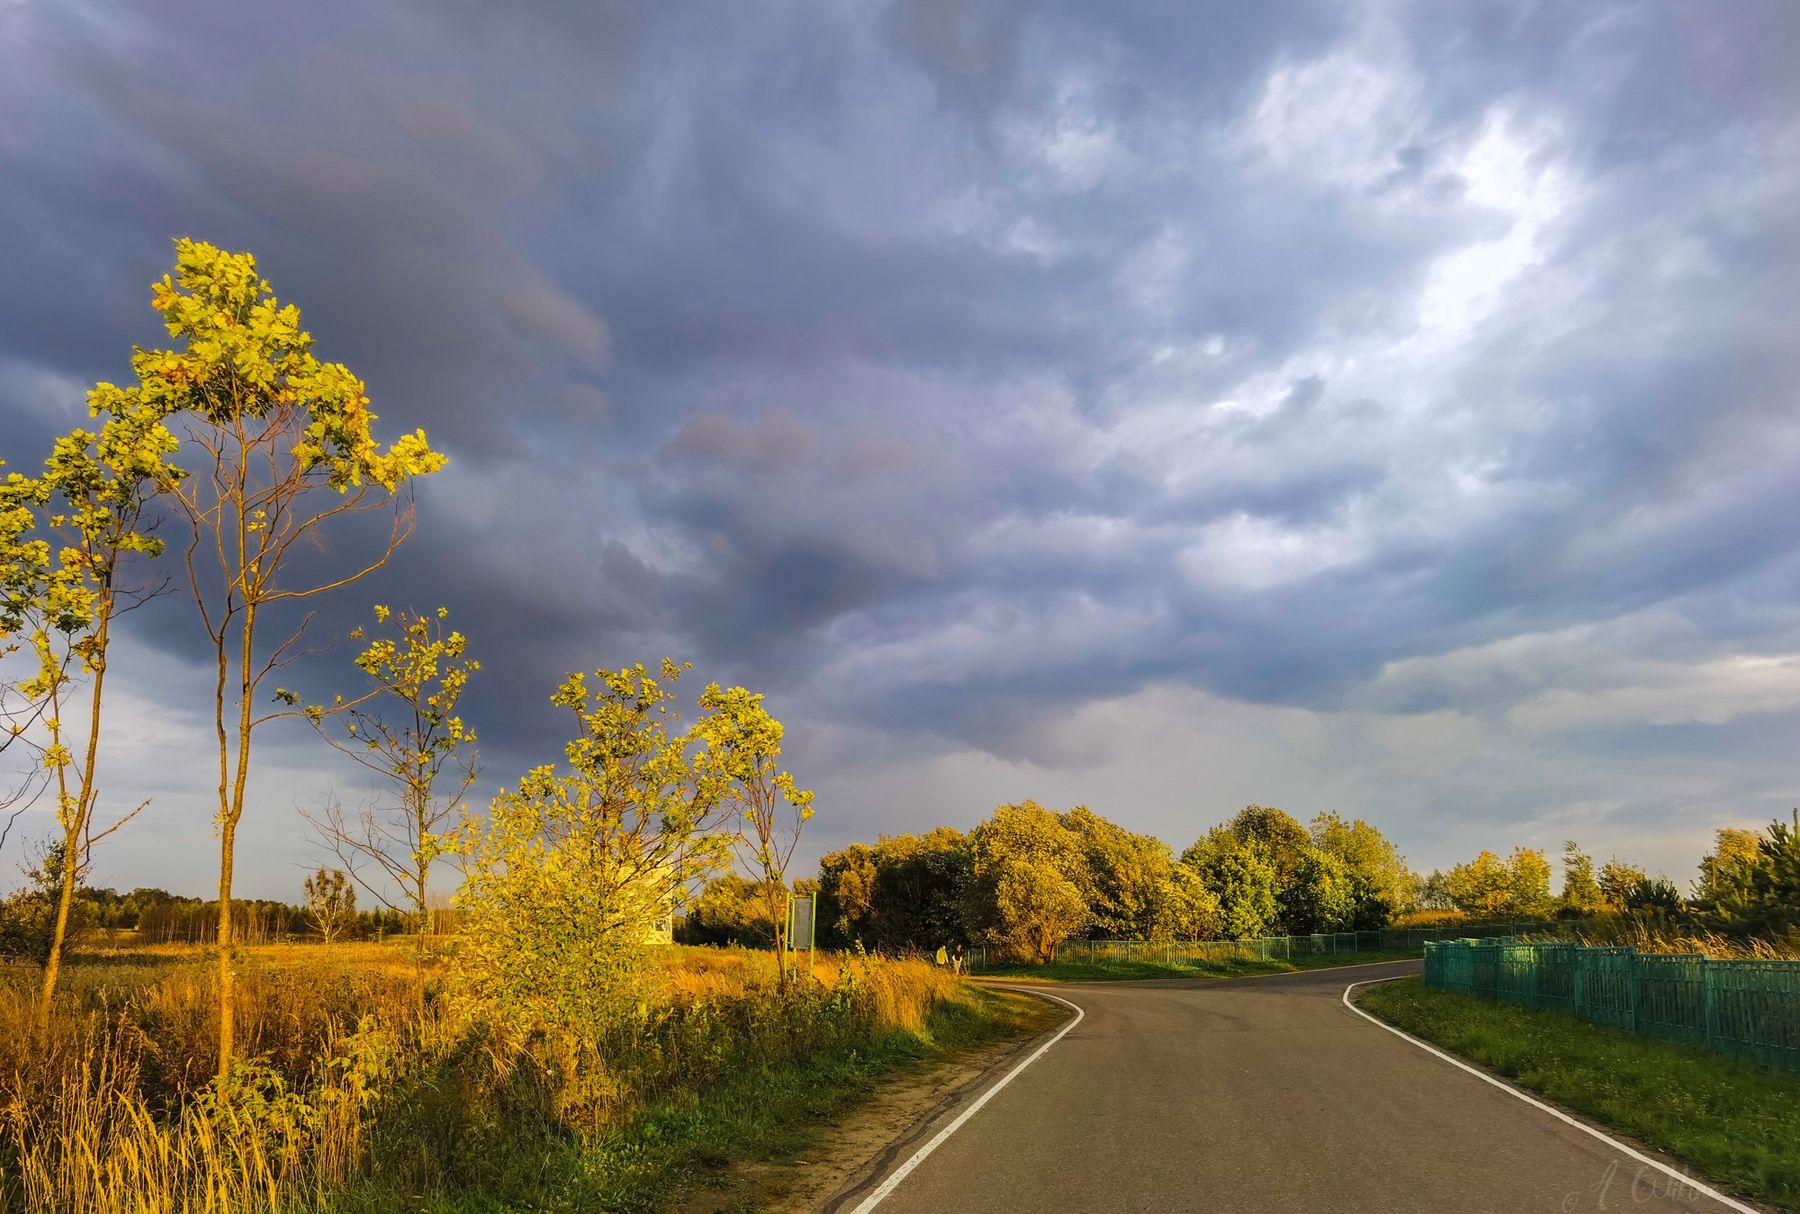 Сентябрьское непостоянство поле дорога тучи вечер дождь солнце